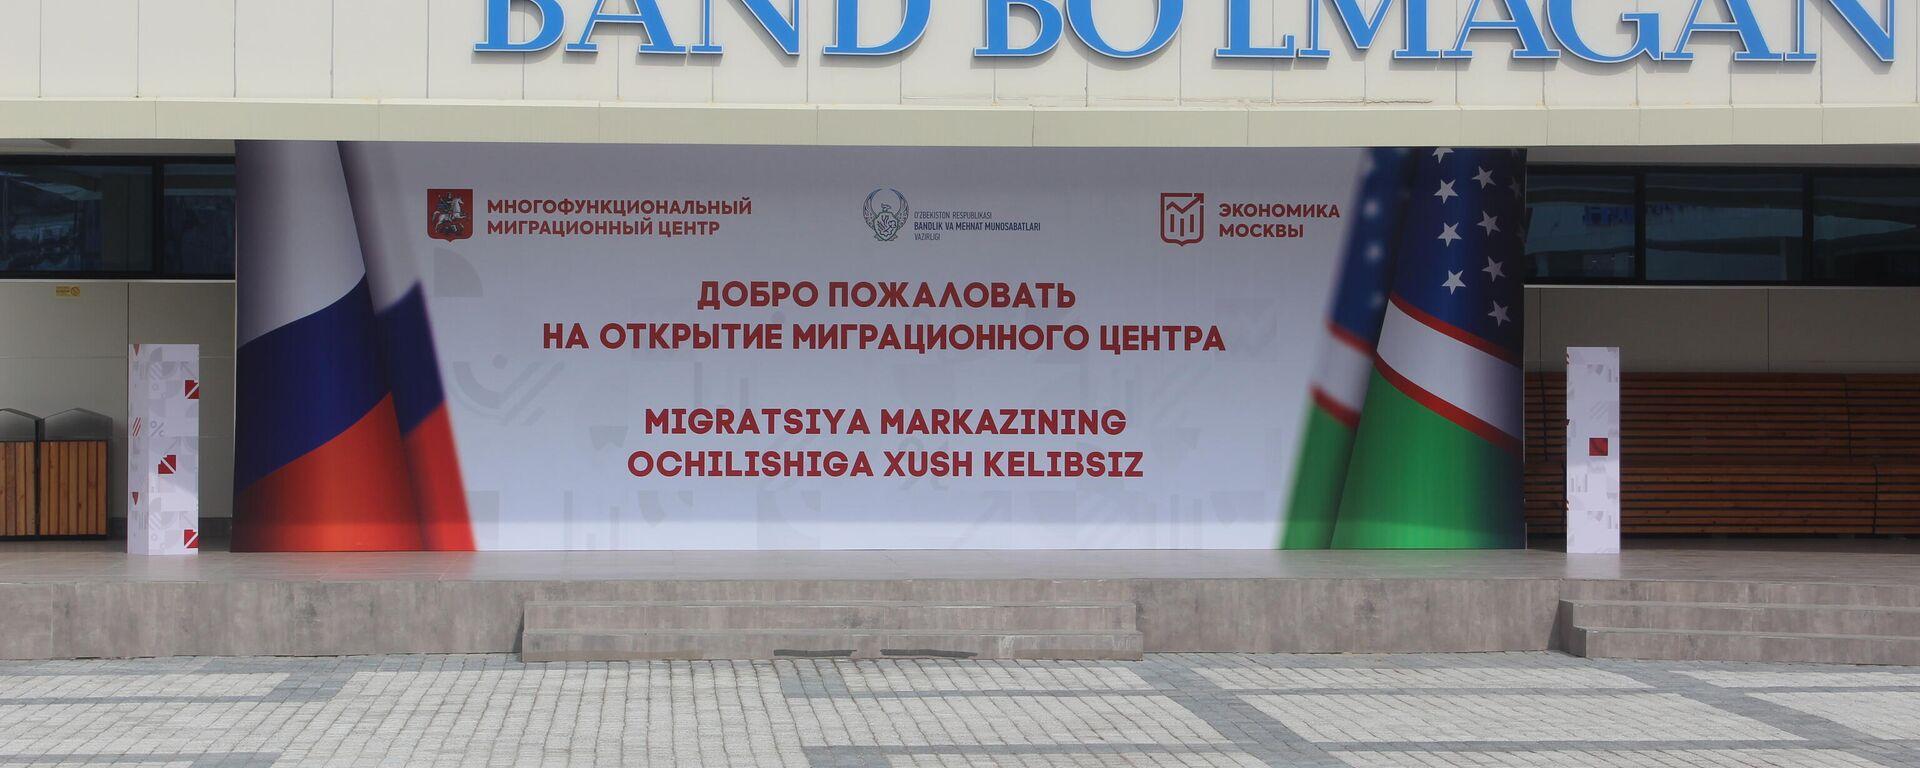 Филиал миграционного центра в Ташкенте - Sputnik Узбекистан, 1920, 16.03.2021